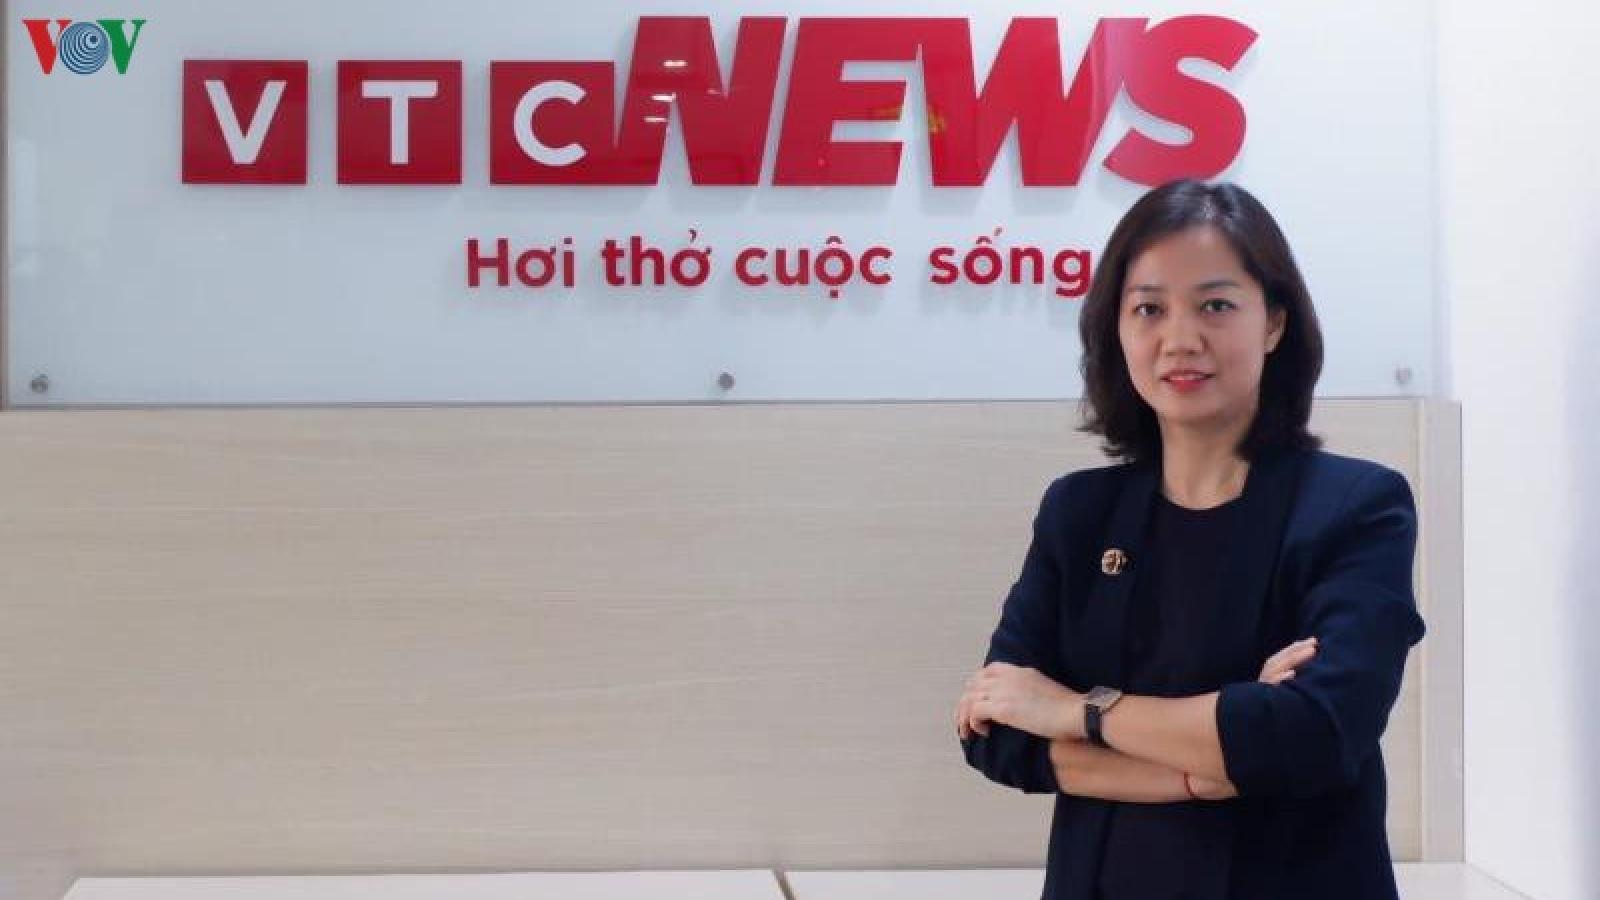 Bổ nhiệm Phó Tổng biên tập Báo điện tử VTC News